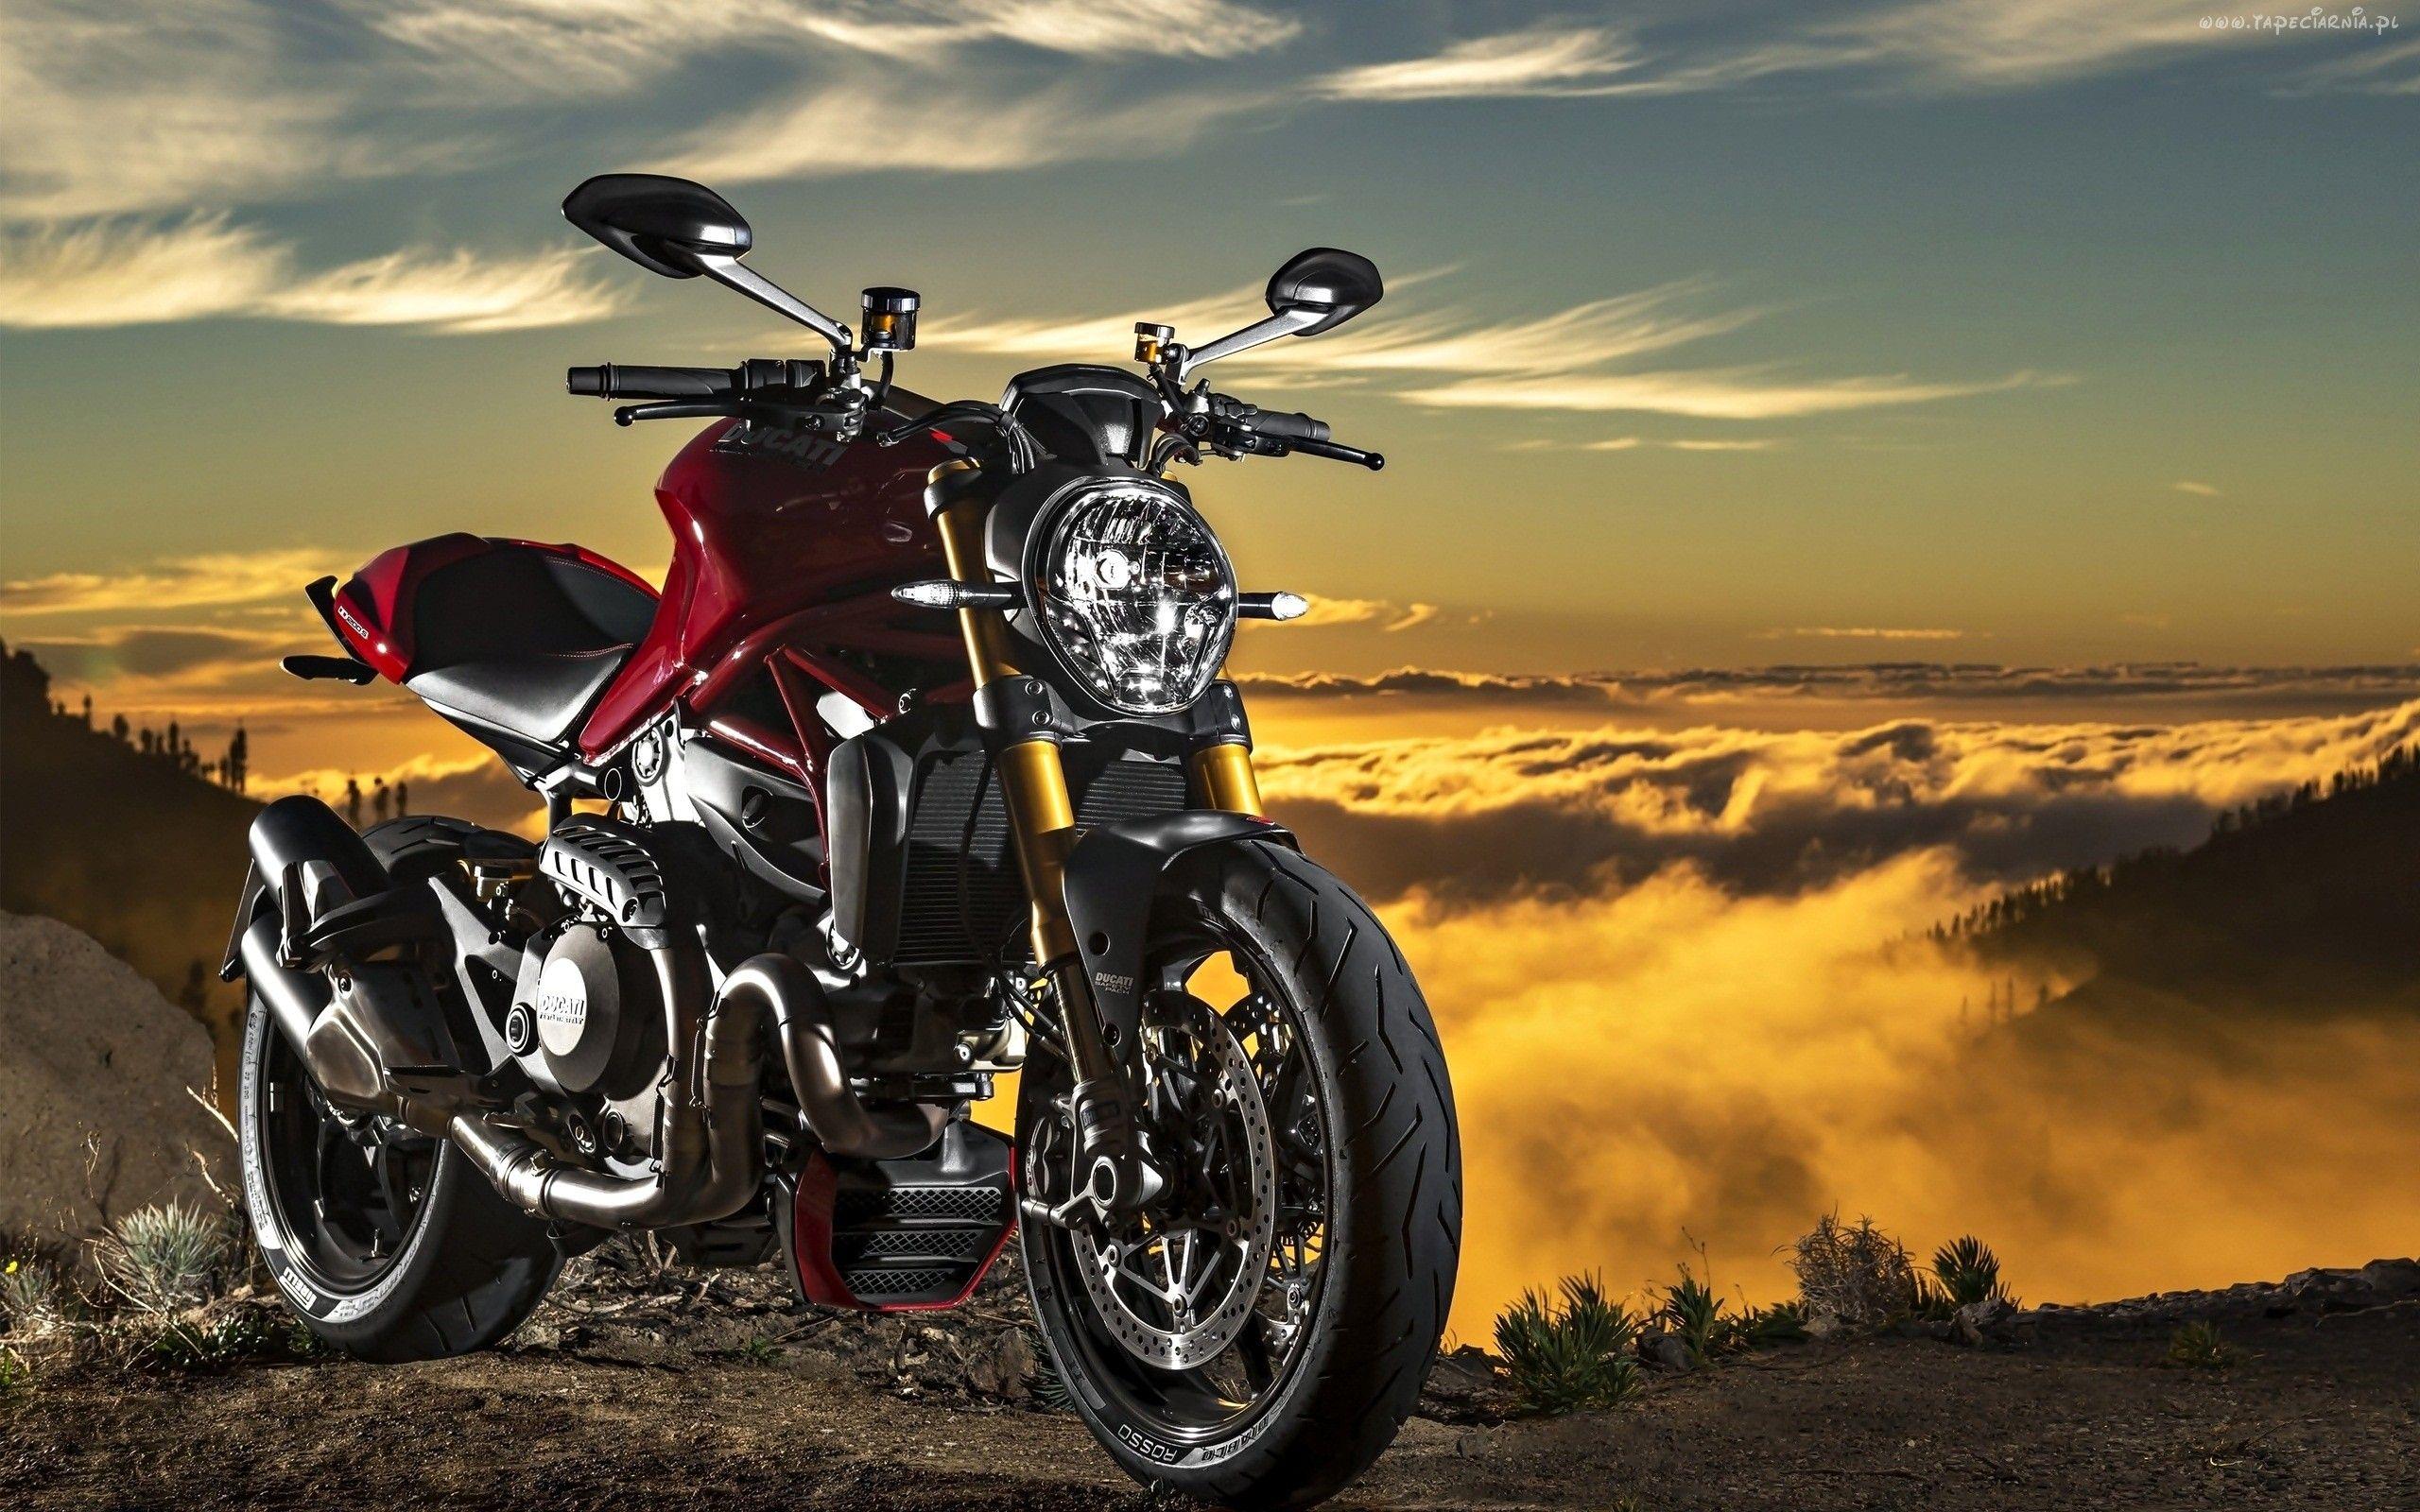 Tdm 900 | Yamaha, Bike trips, Motorcycle